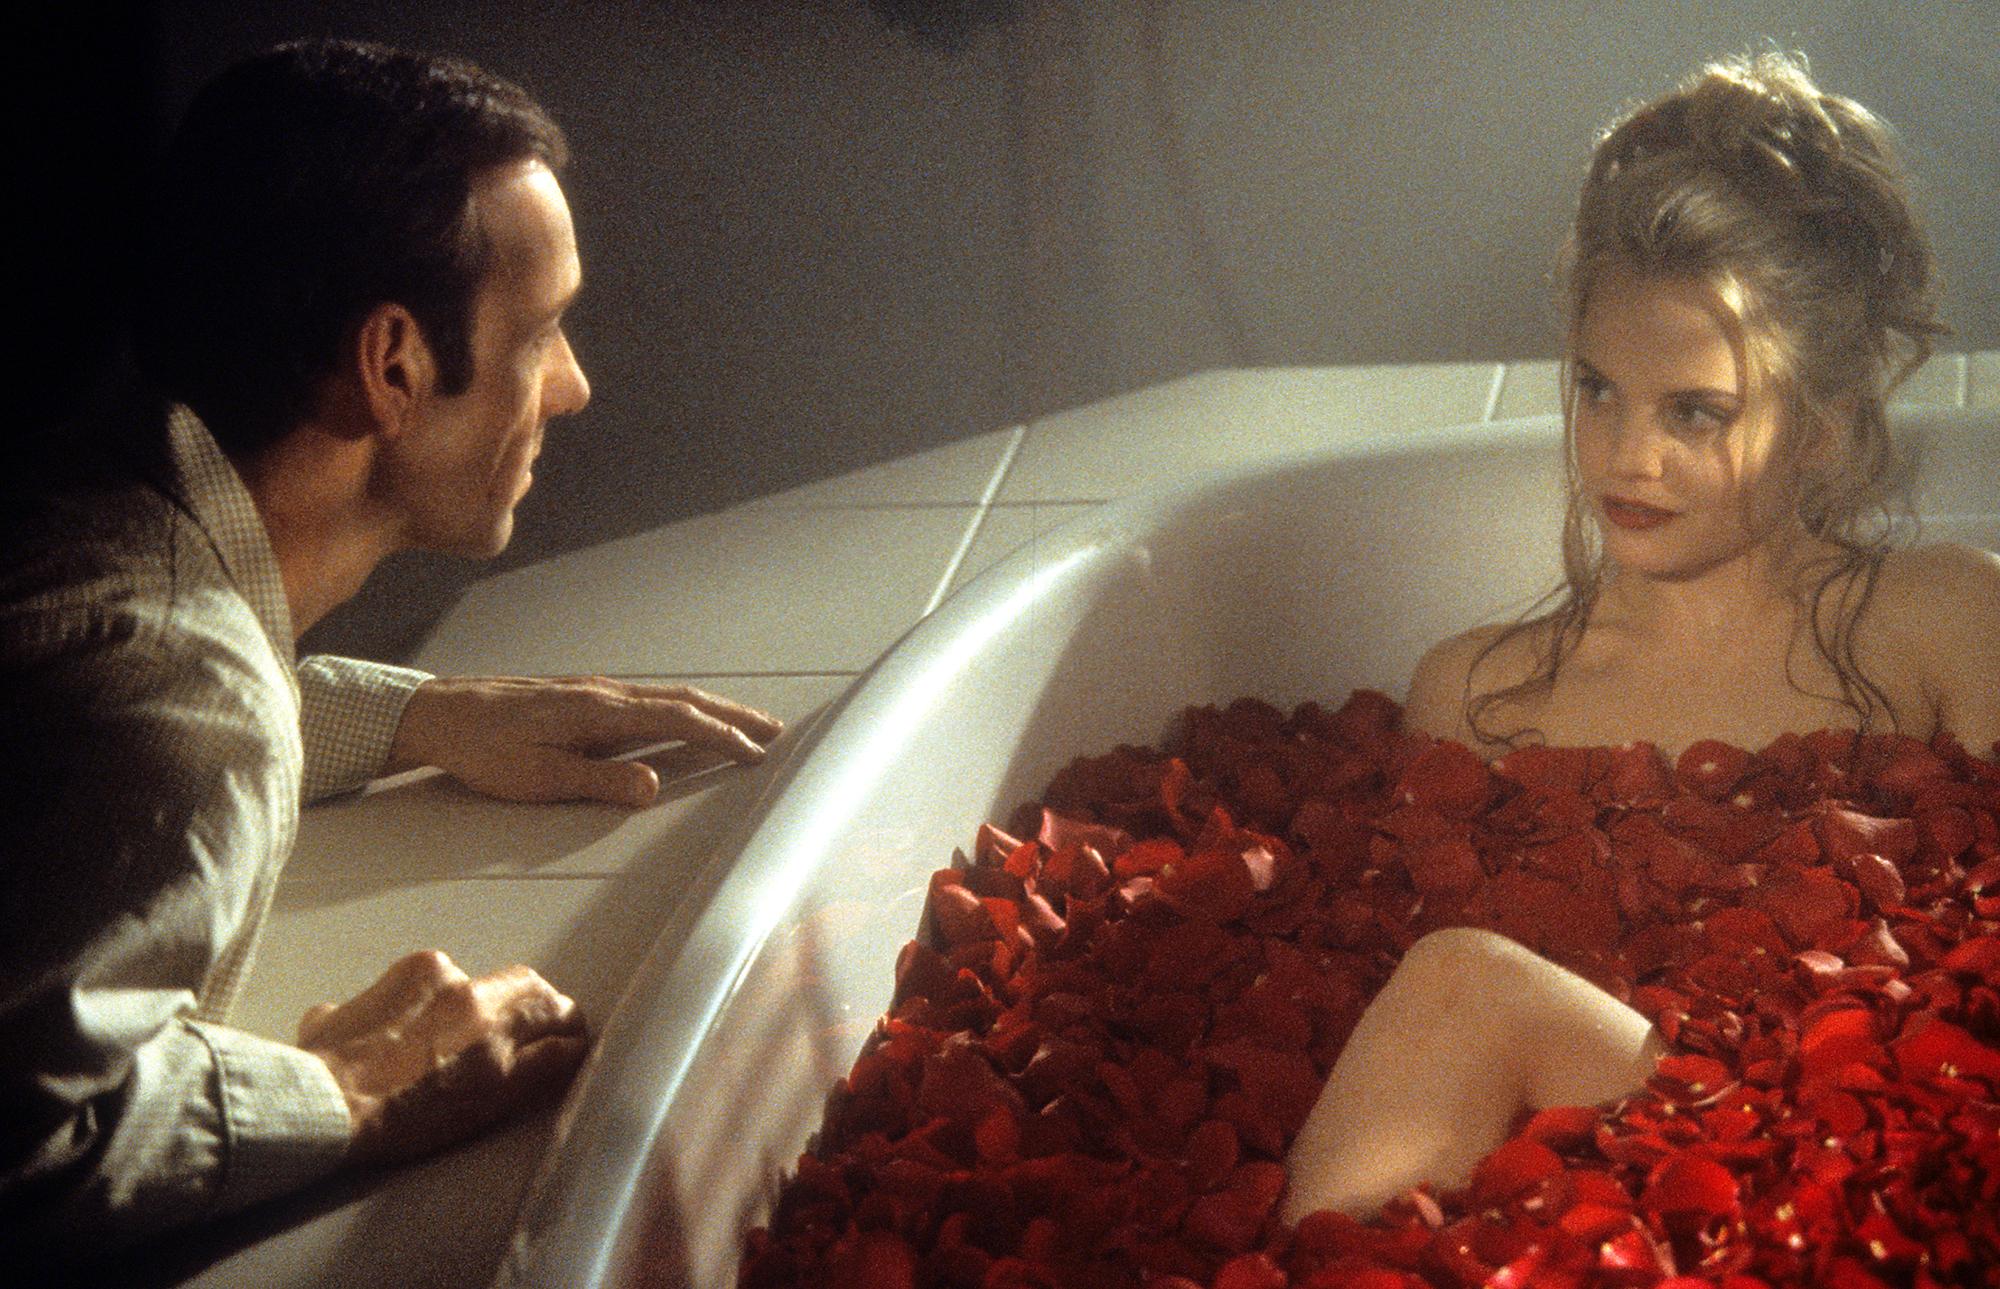 Kevin Spacey And Mena Suvari